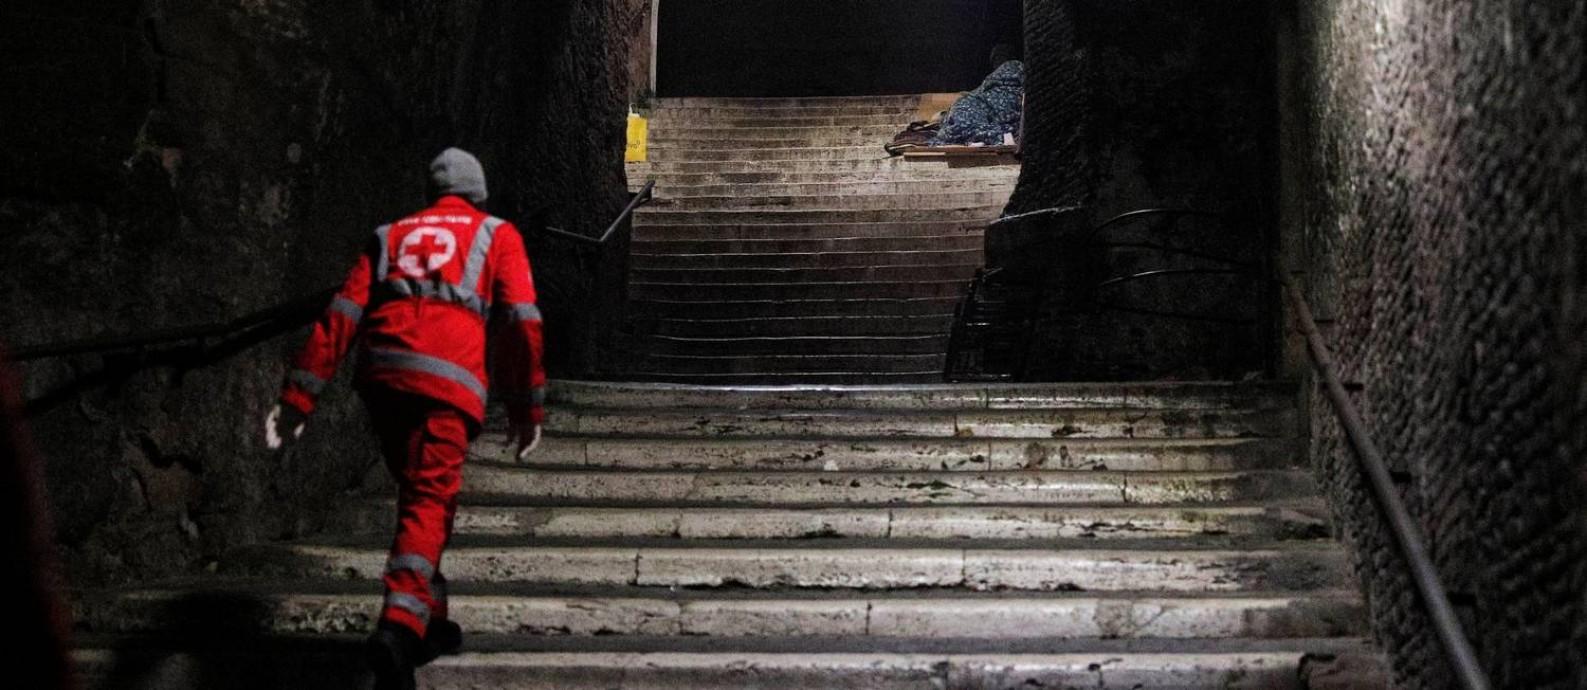 Voluntário da Cruz Vermelha checa condição de moradores de rua em área próxima ao Coliseu, em Roma, na Itália Foto: GUGLIELMO MANGIAPANE / REUTERS